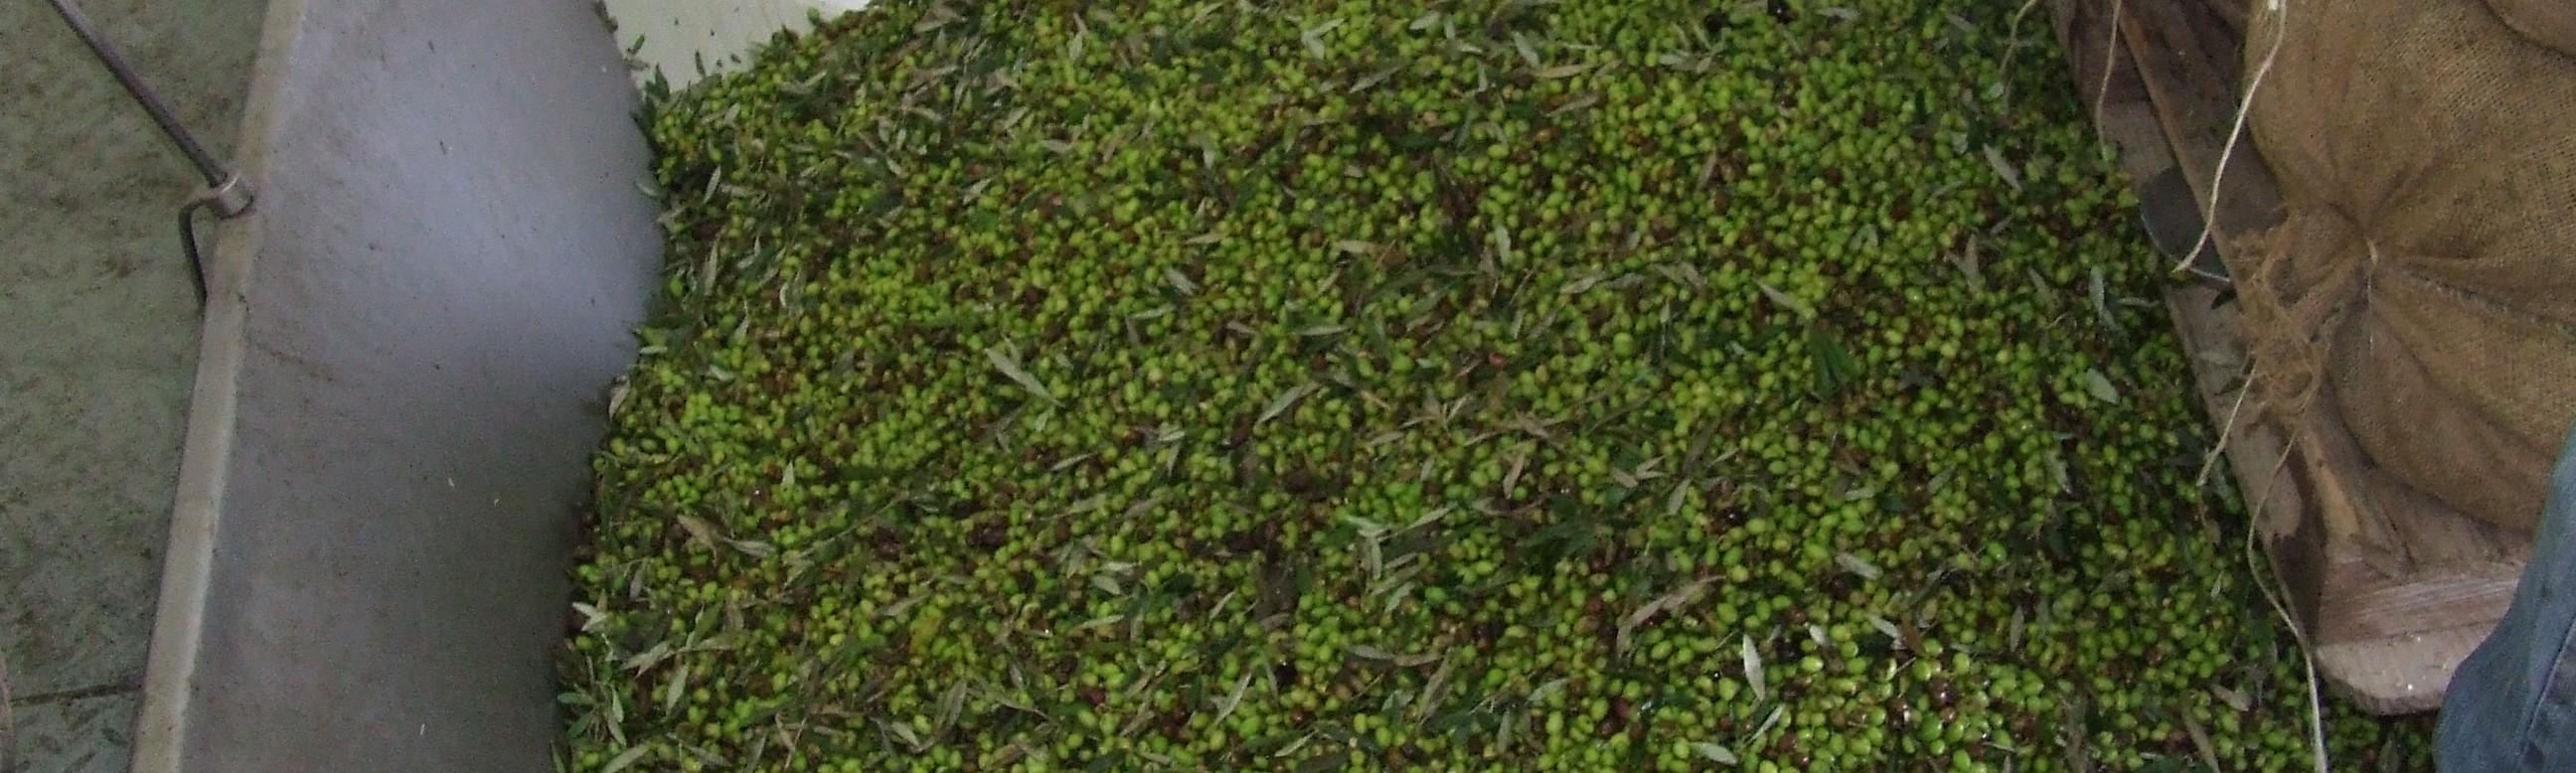 Verwerking olijven